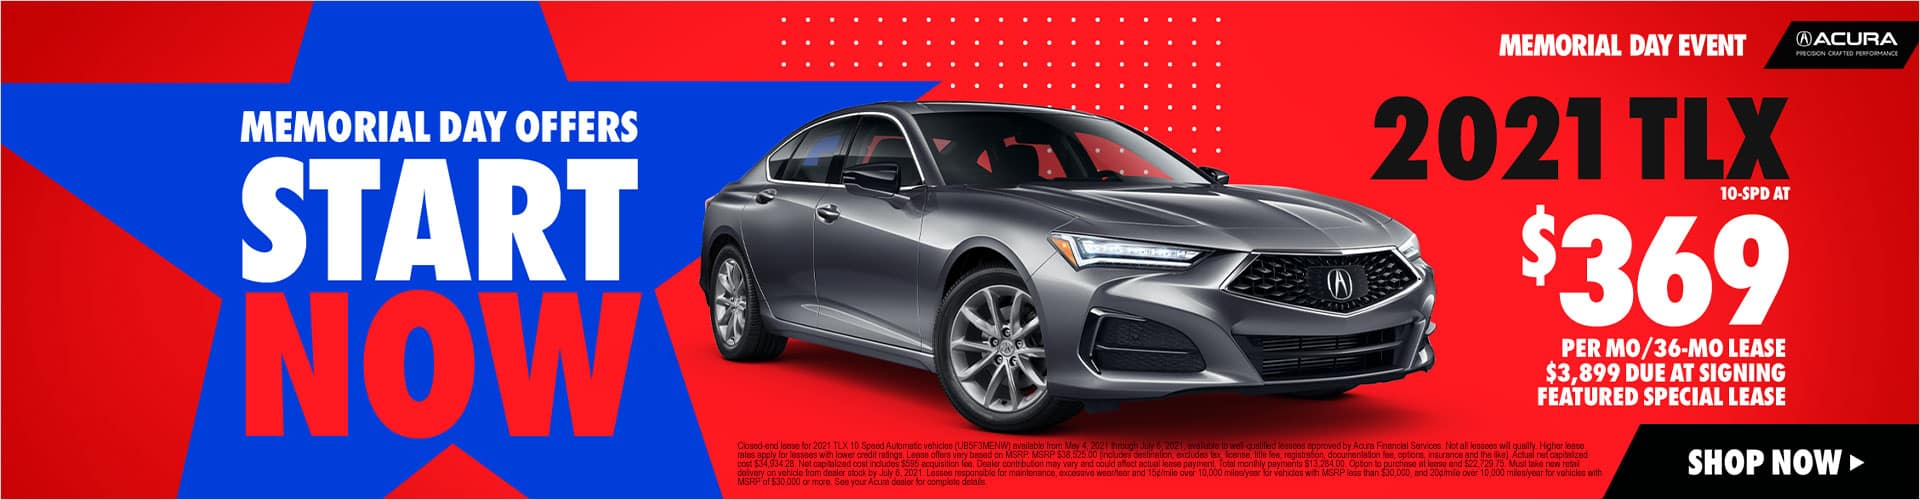 Gray 2021 Acura TLX